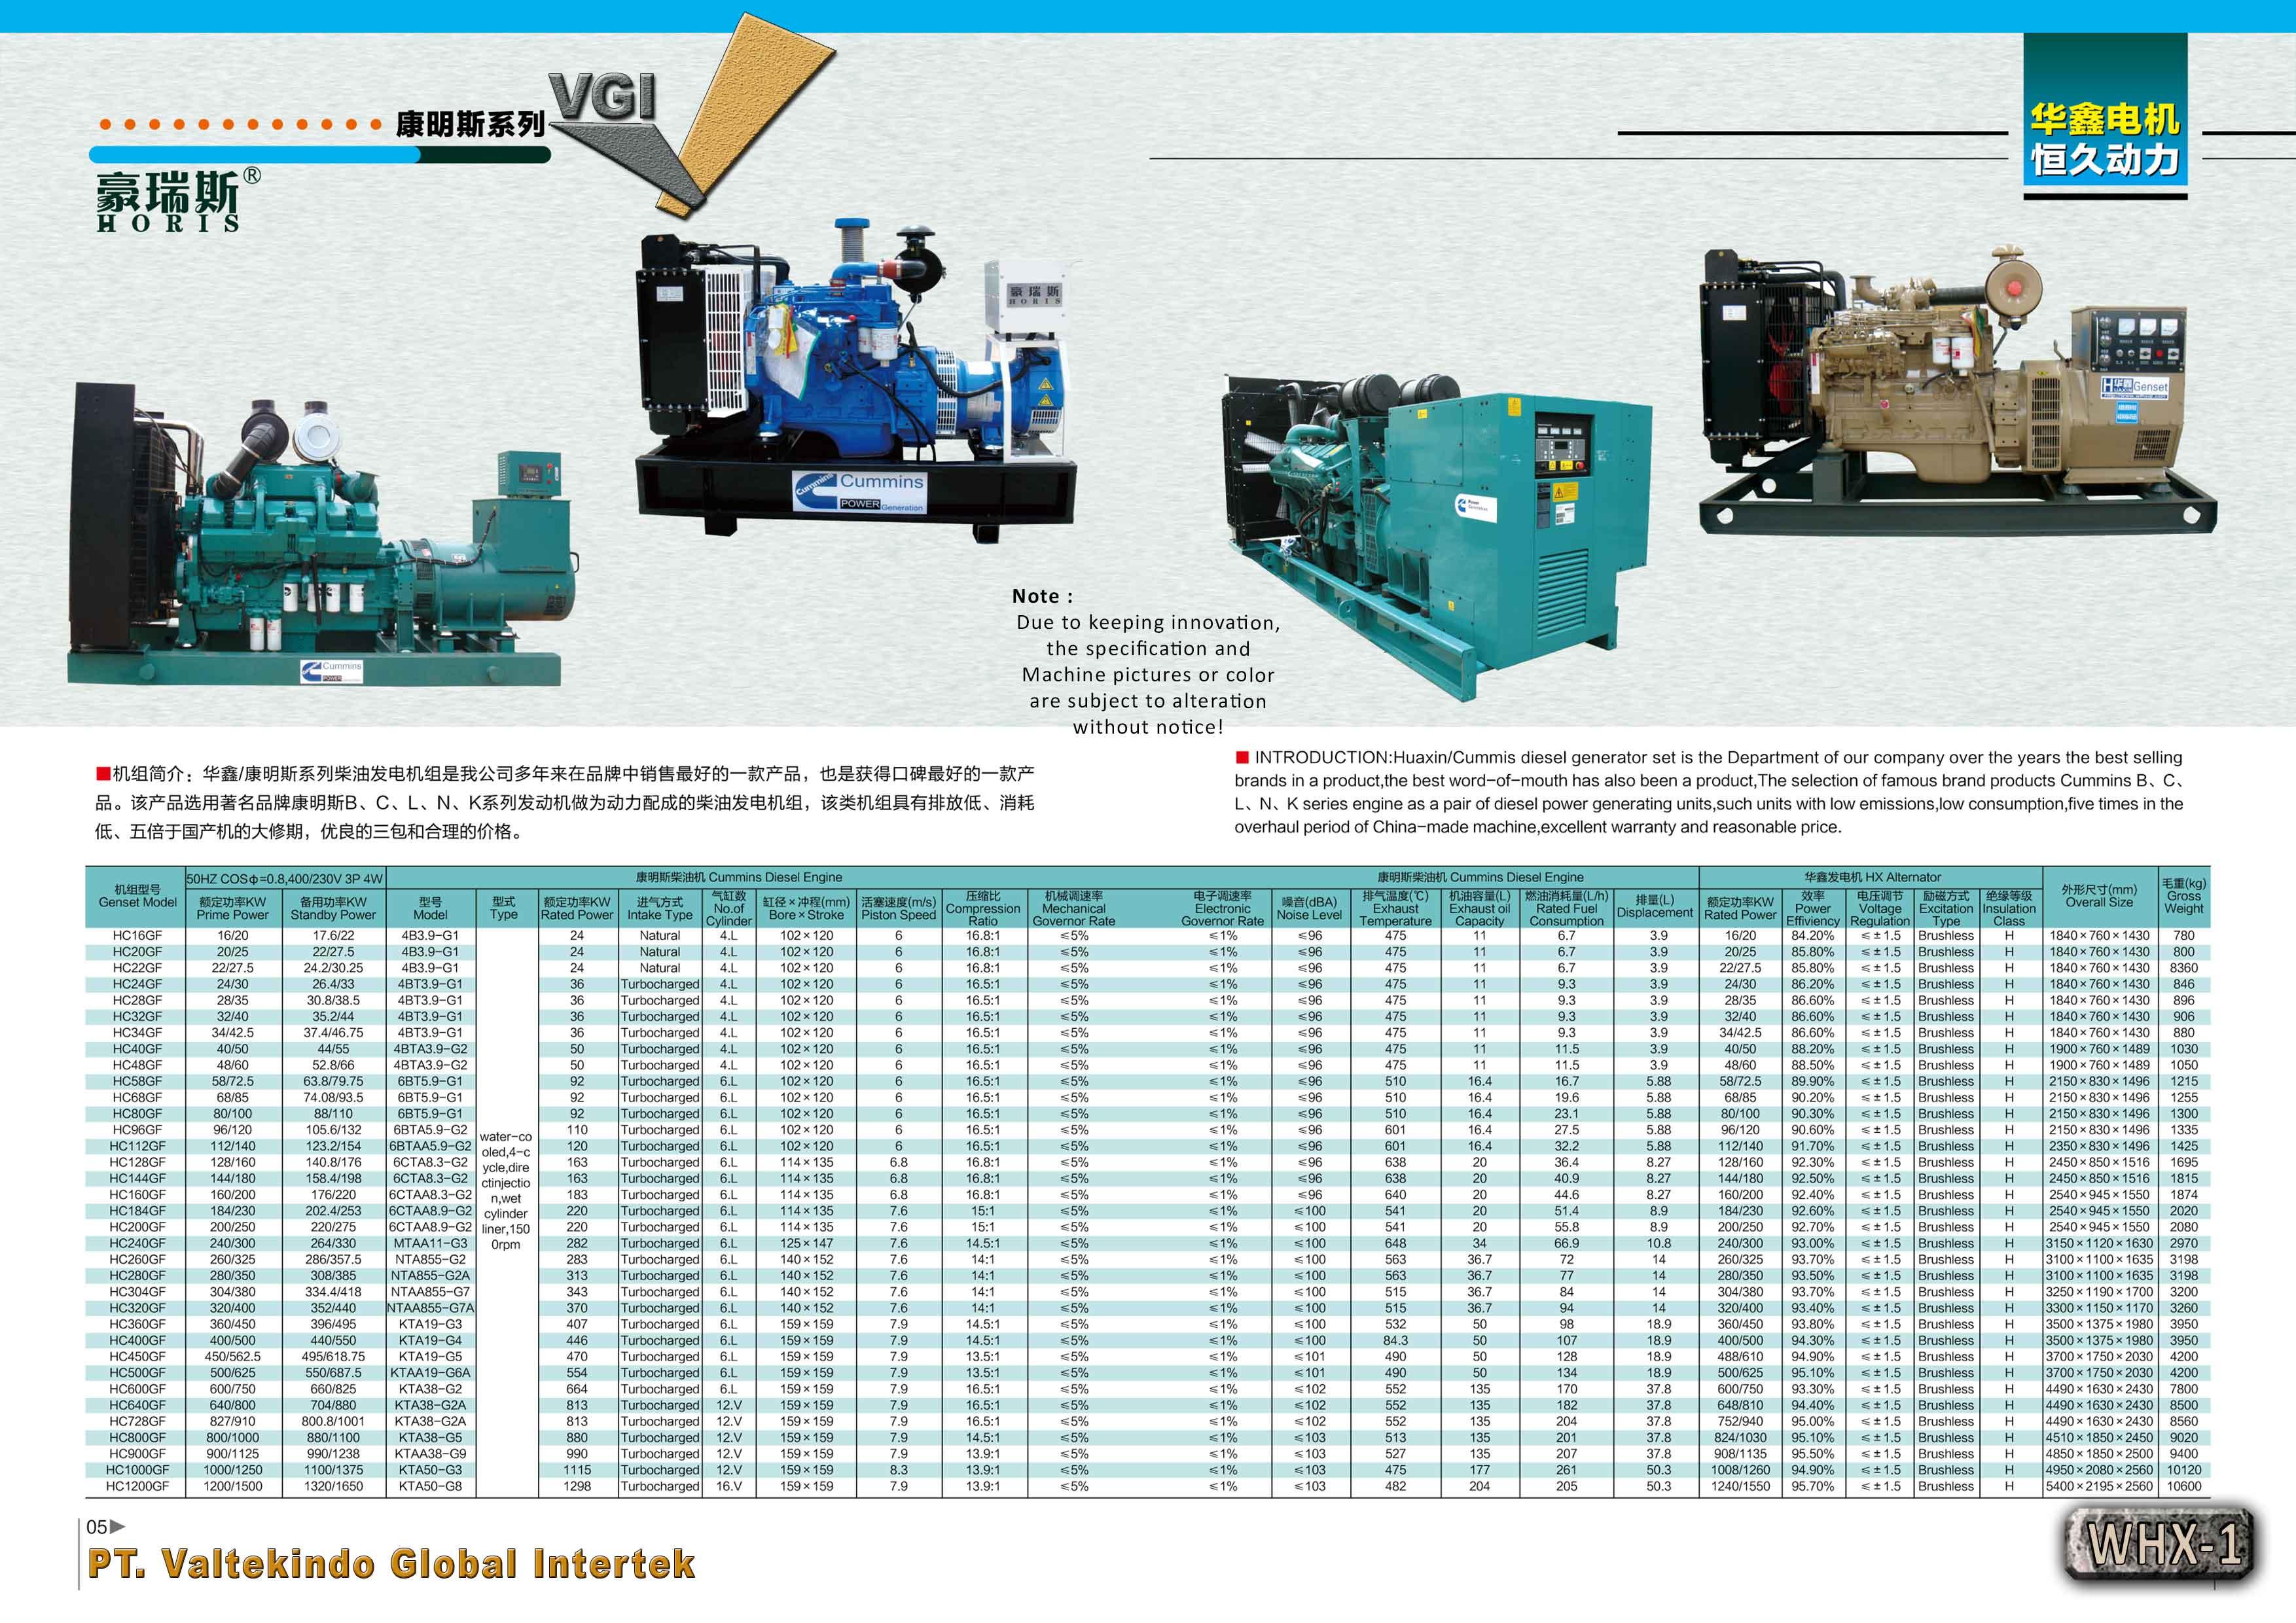 jual mesin, harga mesin, distributor mesin, jual mesin karet, daur ulang plastik Cummins Diesel Generator Cummins Diesel Generator